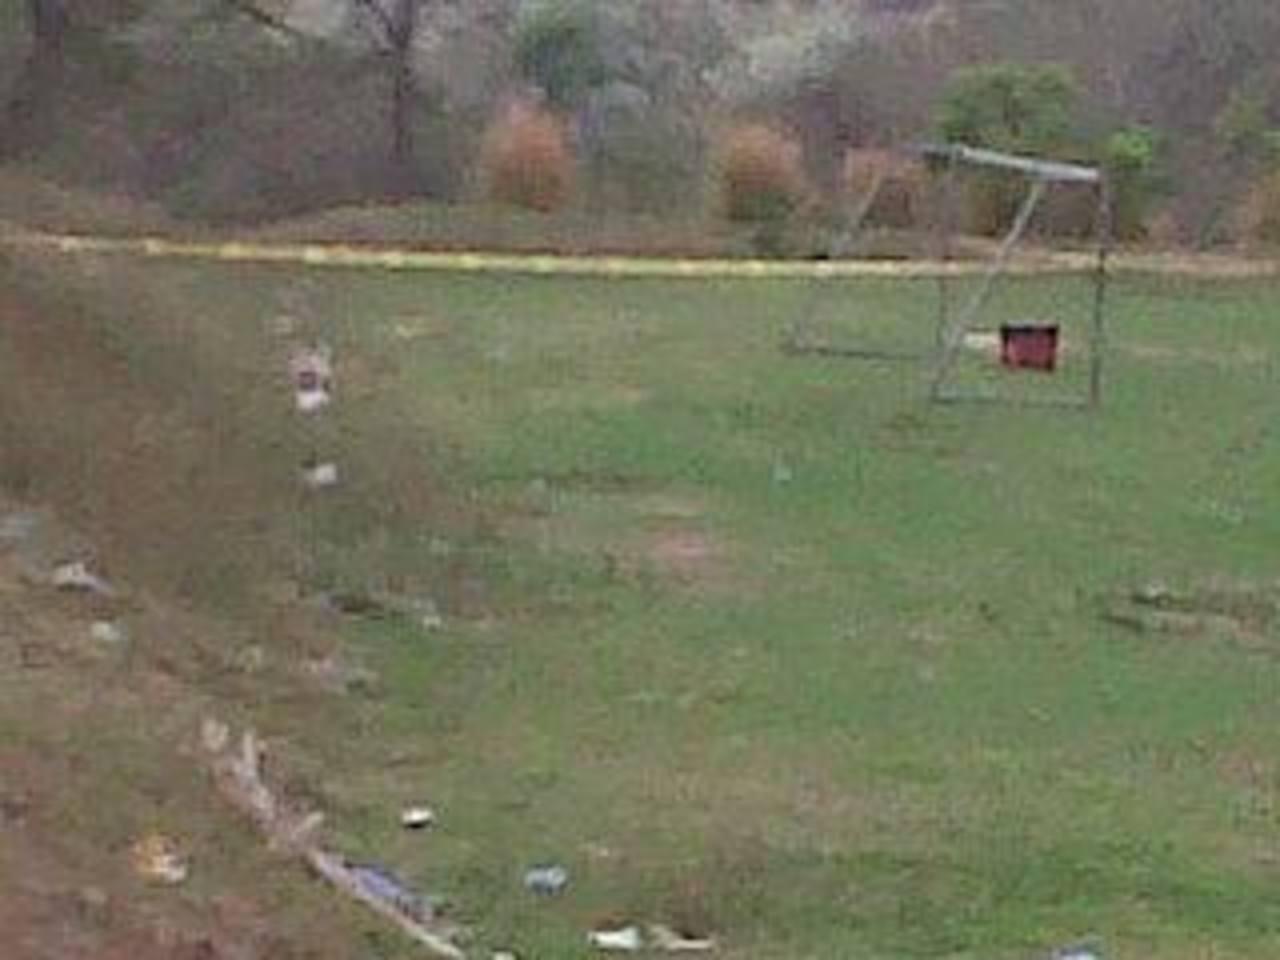 Los cadáveres de dos jóvenes fueron localizados en una chancha de Olocuilta, La Paz. Foto vía Twitter Lilibeth Sánchez